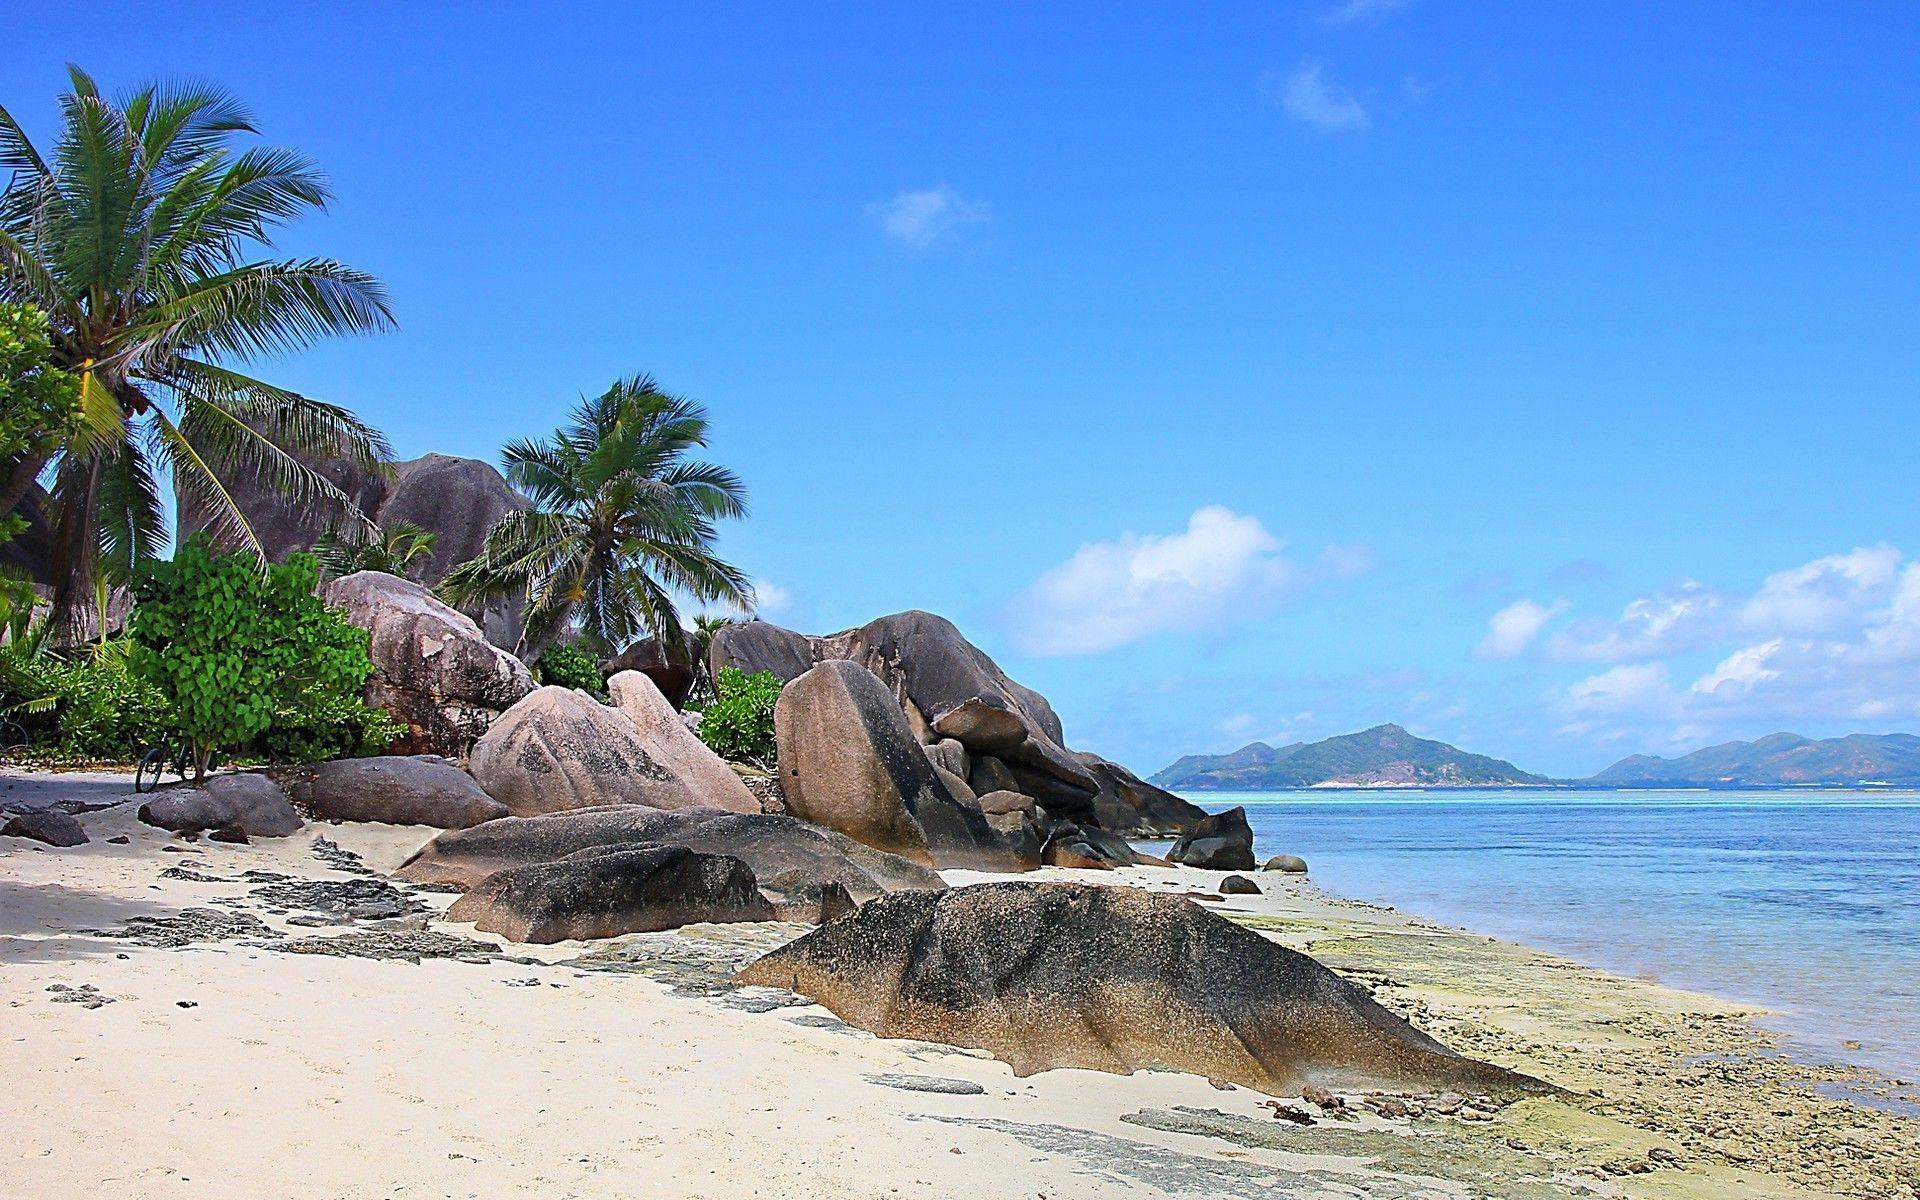 1920x1200 thiên nhiên, Phong cảnh, Seychelles, Đảo, Bãi biển, đá, Cây cọ, Biển, Cát, Núi, Nhiệt đới, Mùa hè, Mây Hình nền có độ phân giải cao / Nền máy tính để bàn và di động